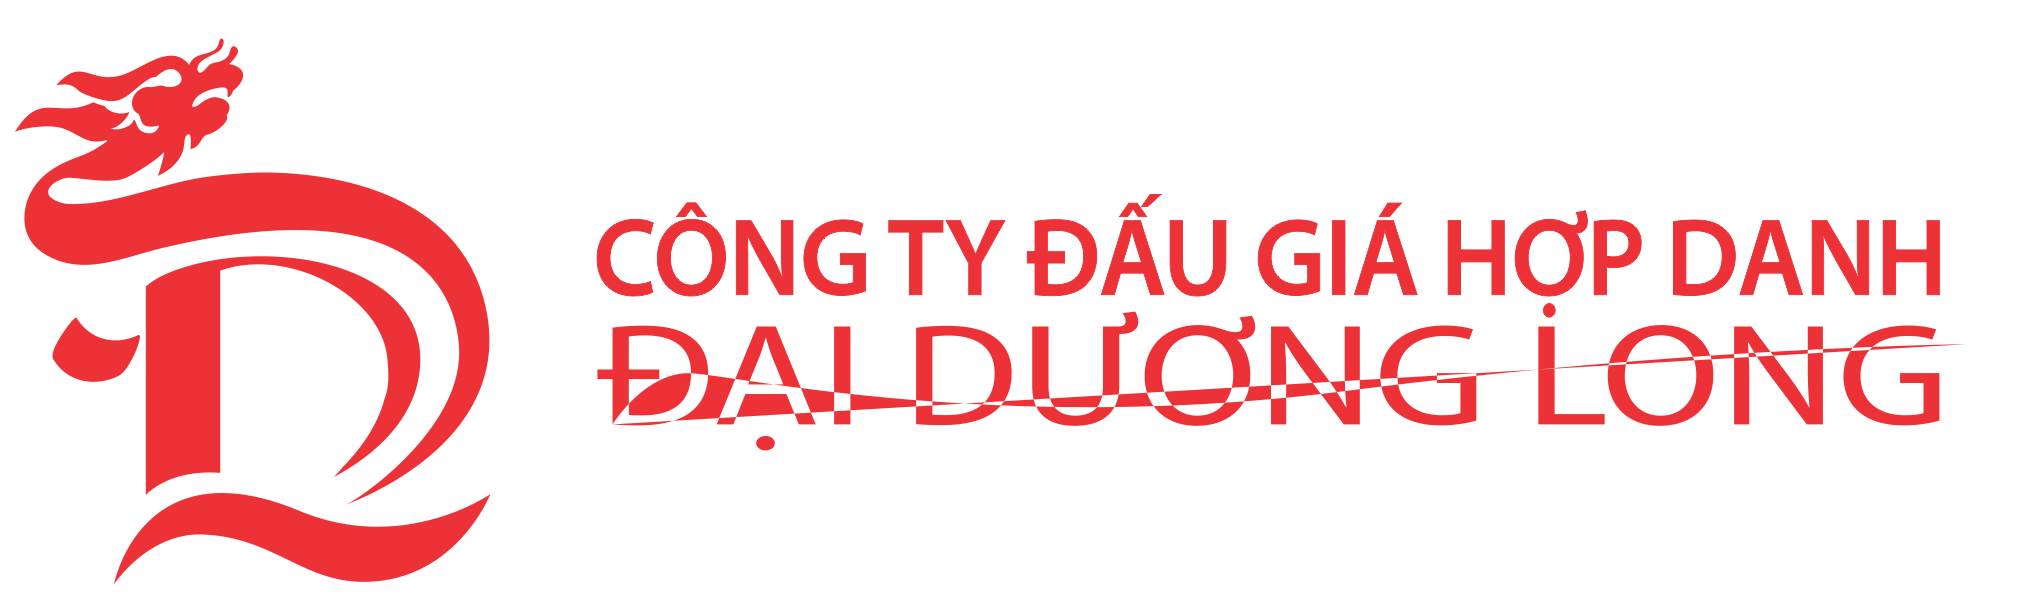 Công ty Đấu giá Đại Dương Long - Chuyên nghiệp, khách quan, tuân thủ Pháp luật